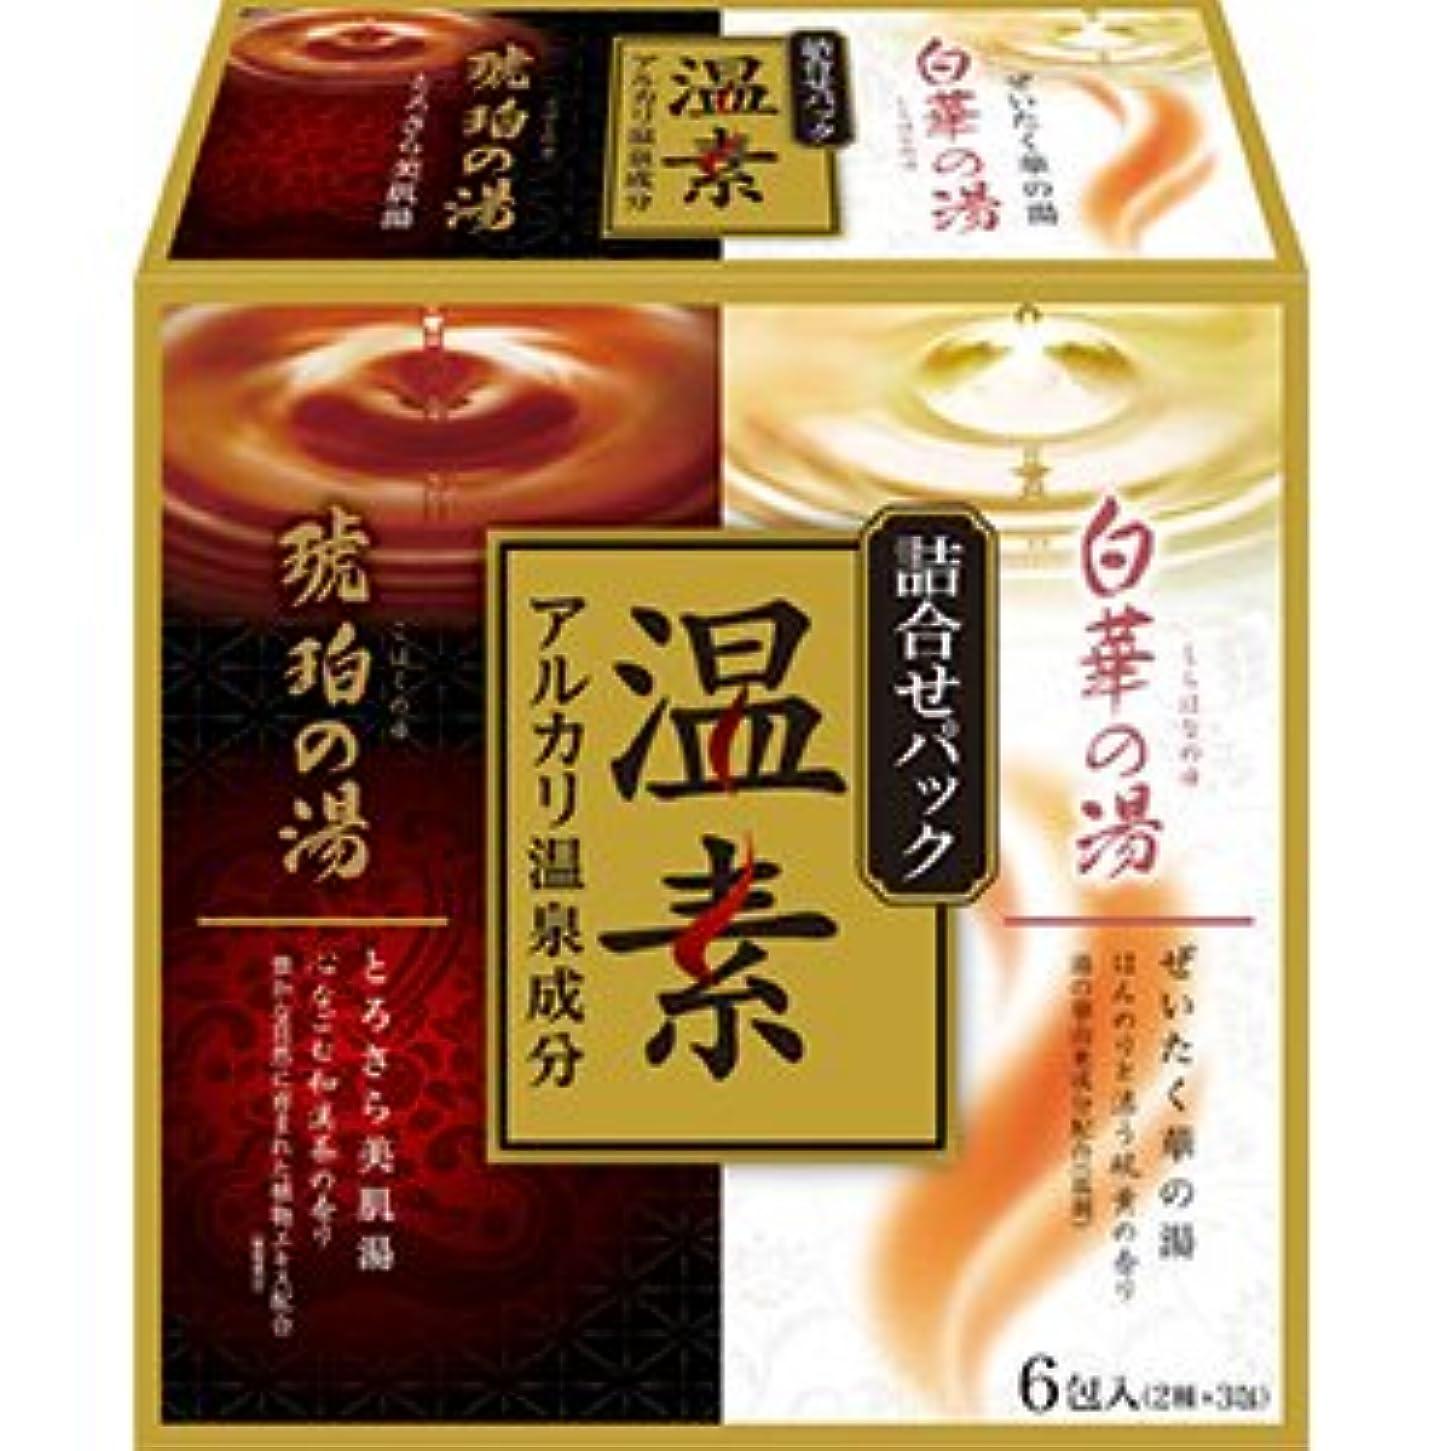 飢え助けて惑星温素 琥珀の湯&白華の湯 詰合せパック × 16個セット